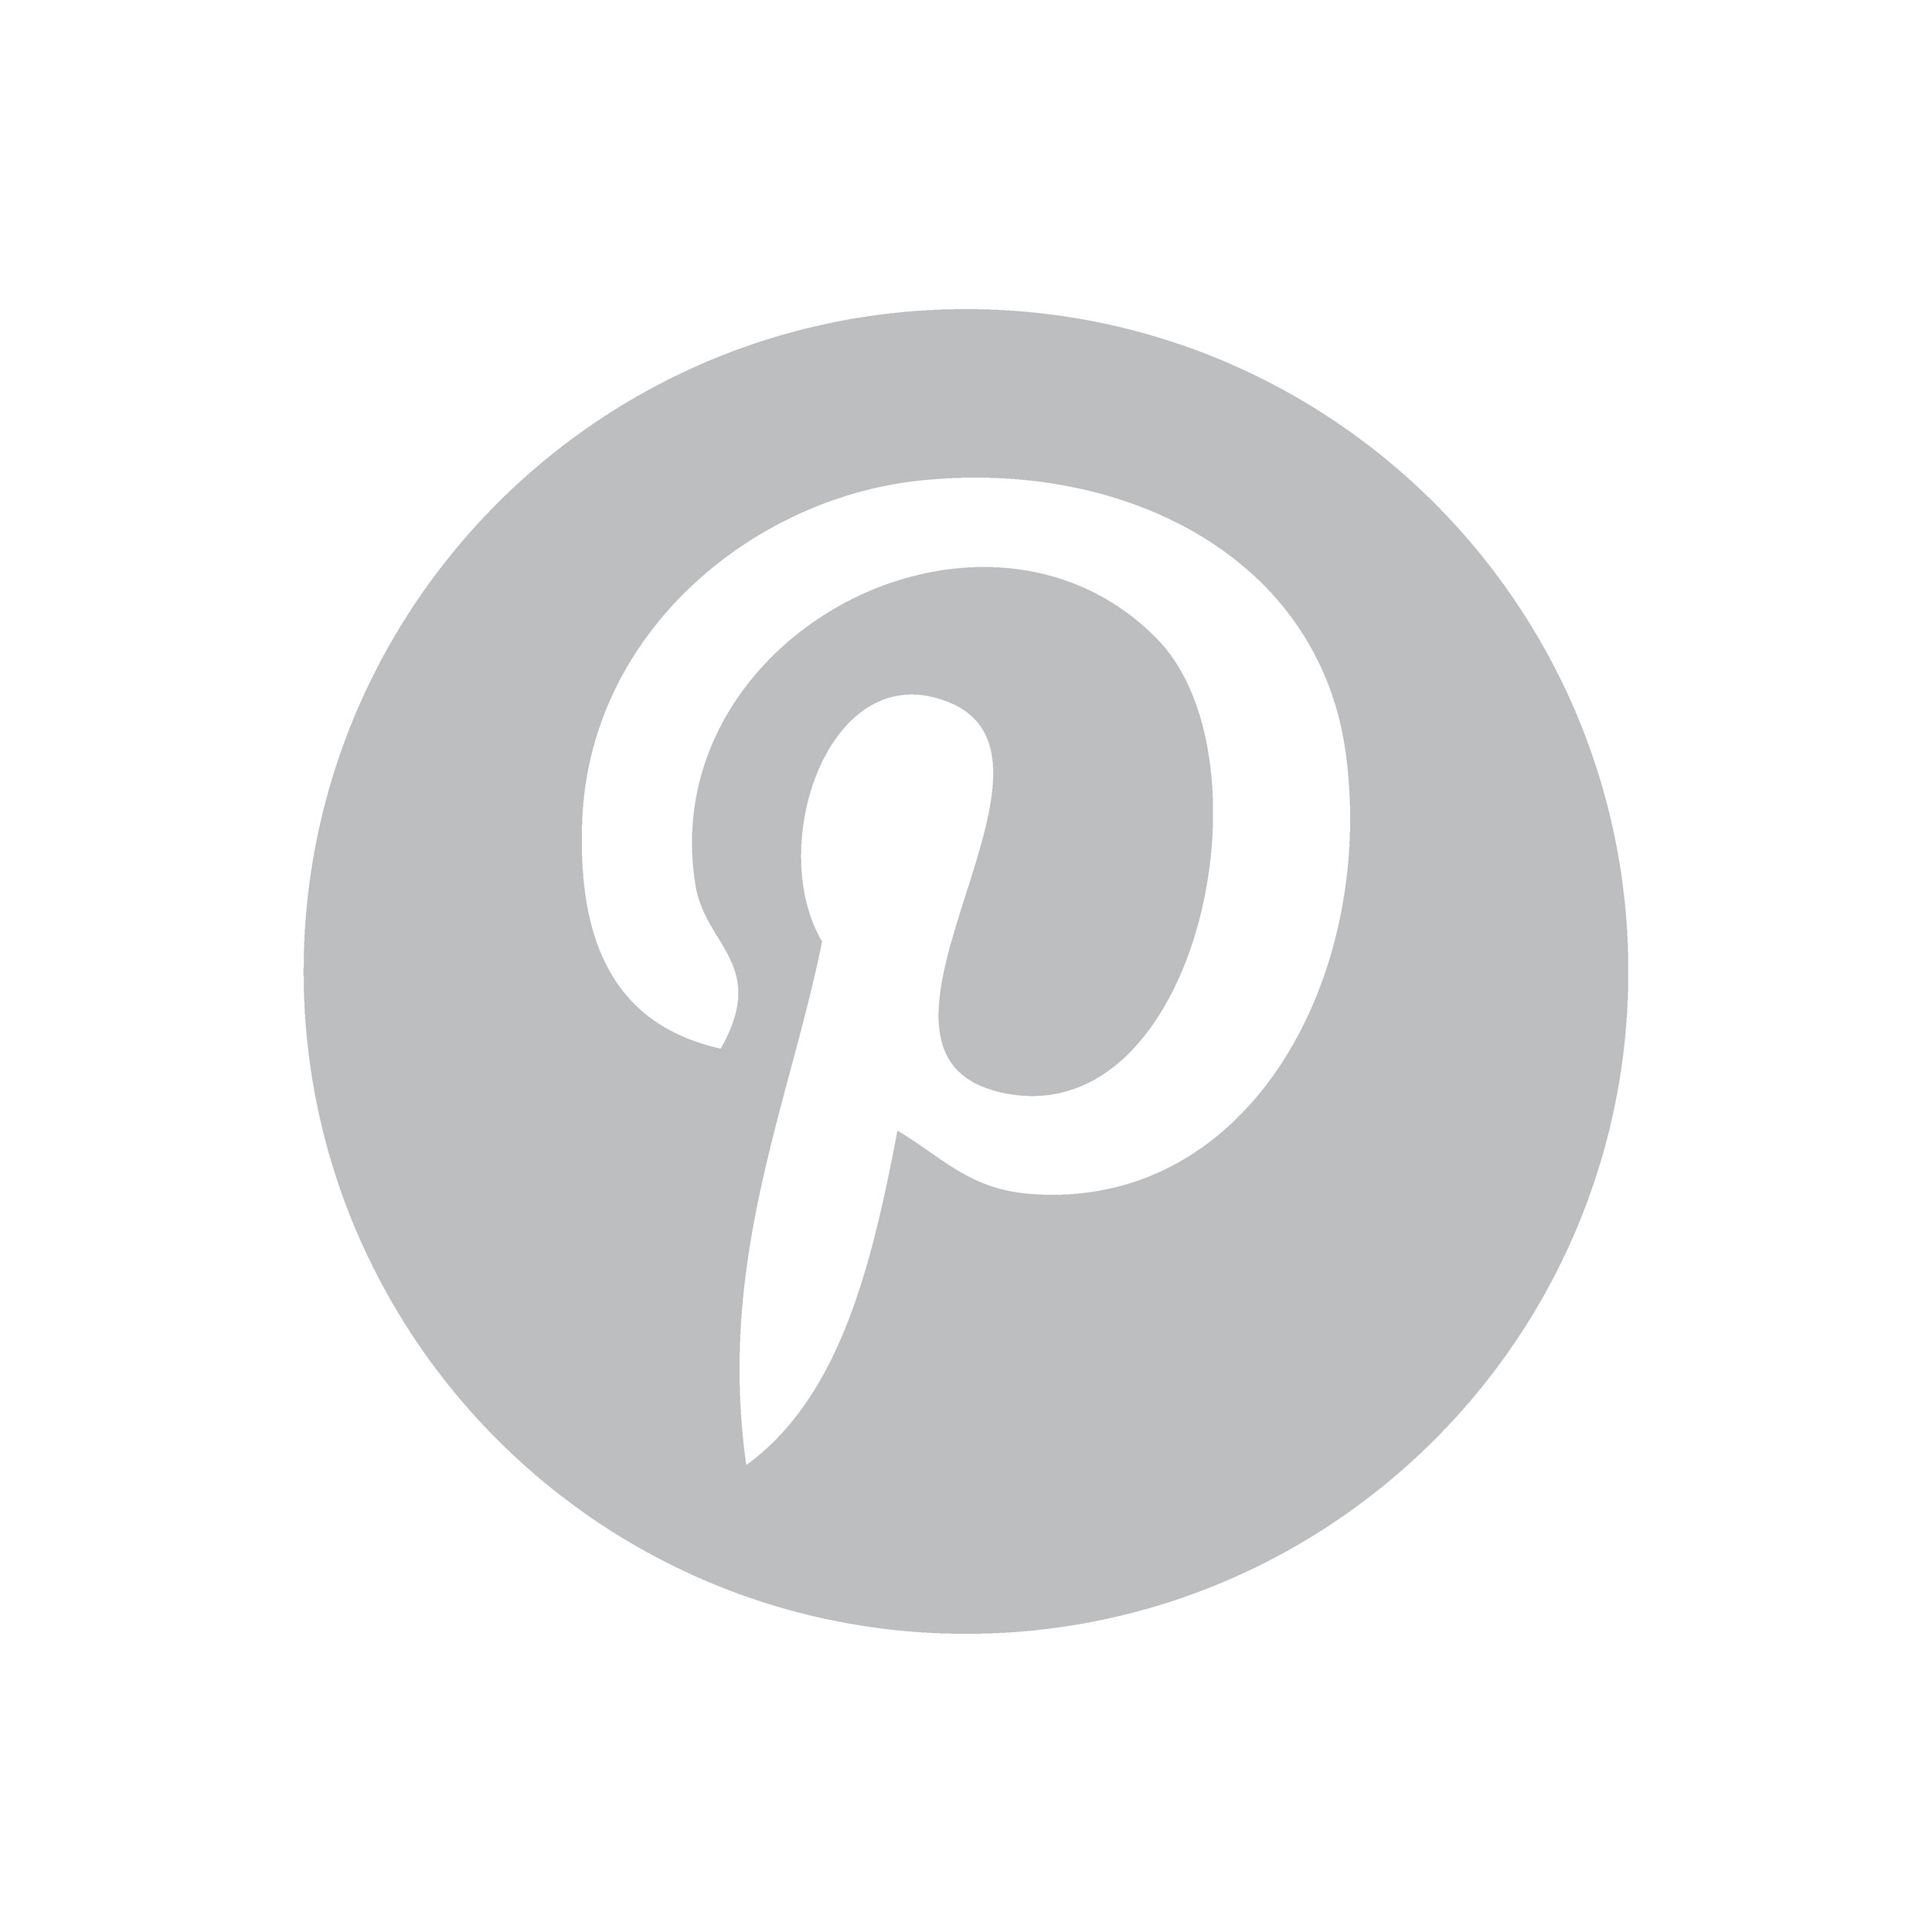 03_Pinterest.jpg